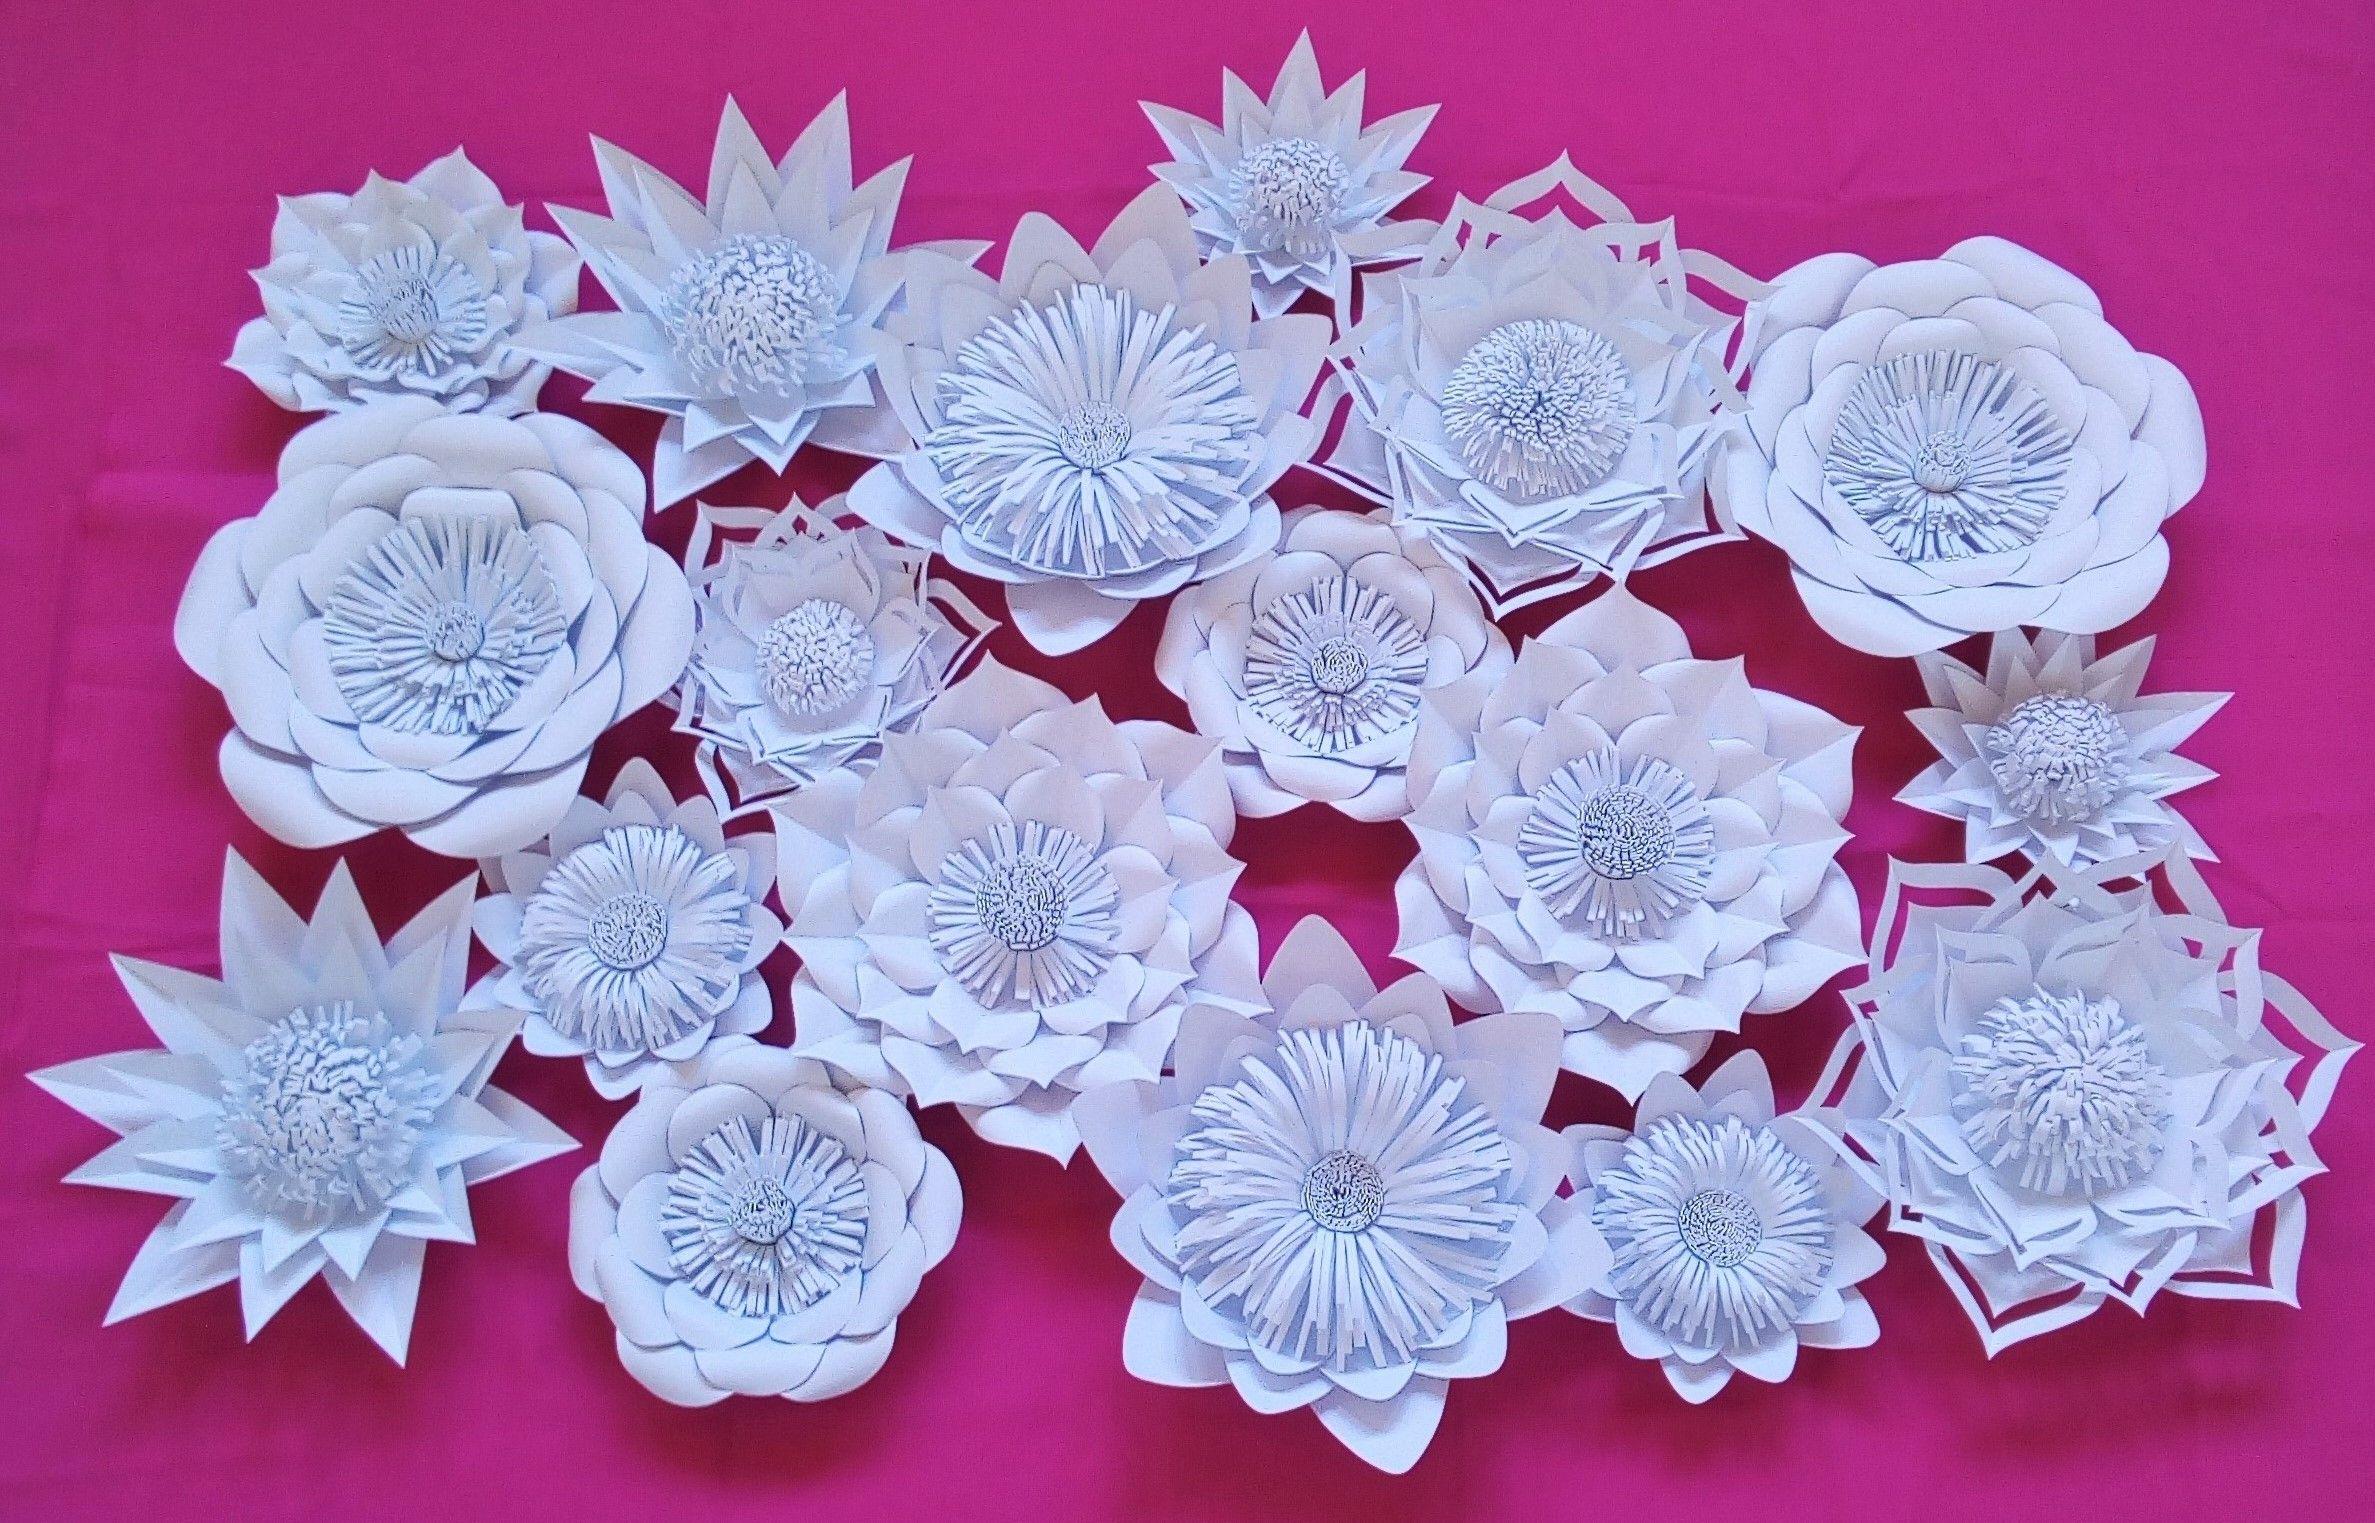 Kwiaty Z Papieru Paper Flowers Kwiaty Chanel Flower Backdrop Paper Flowers Wedding Decorations